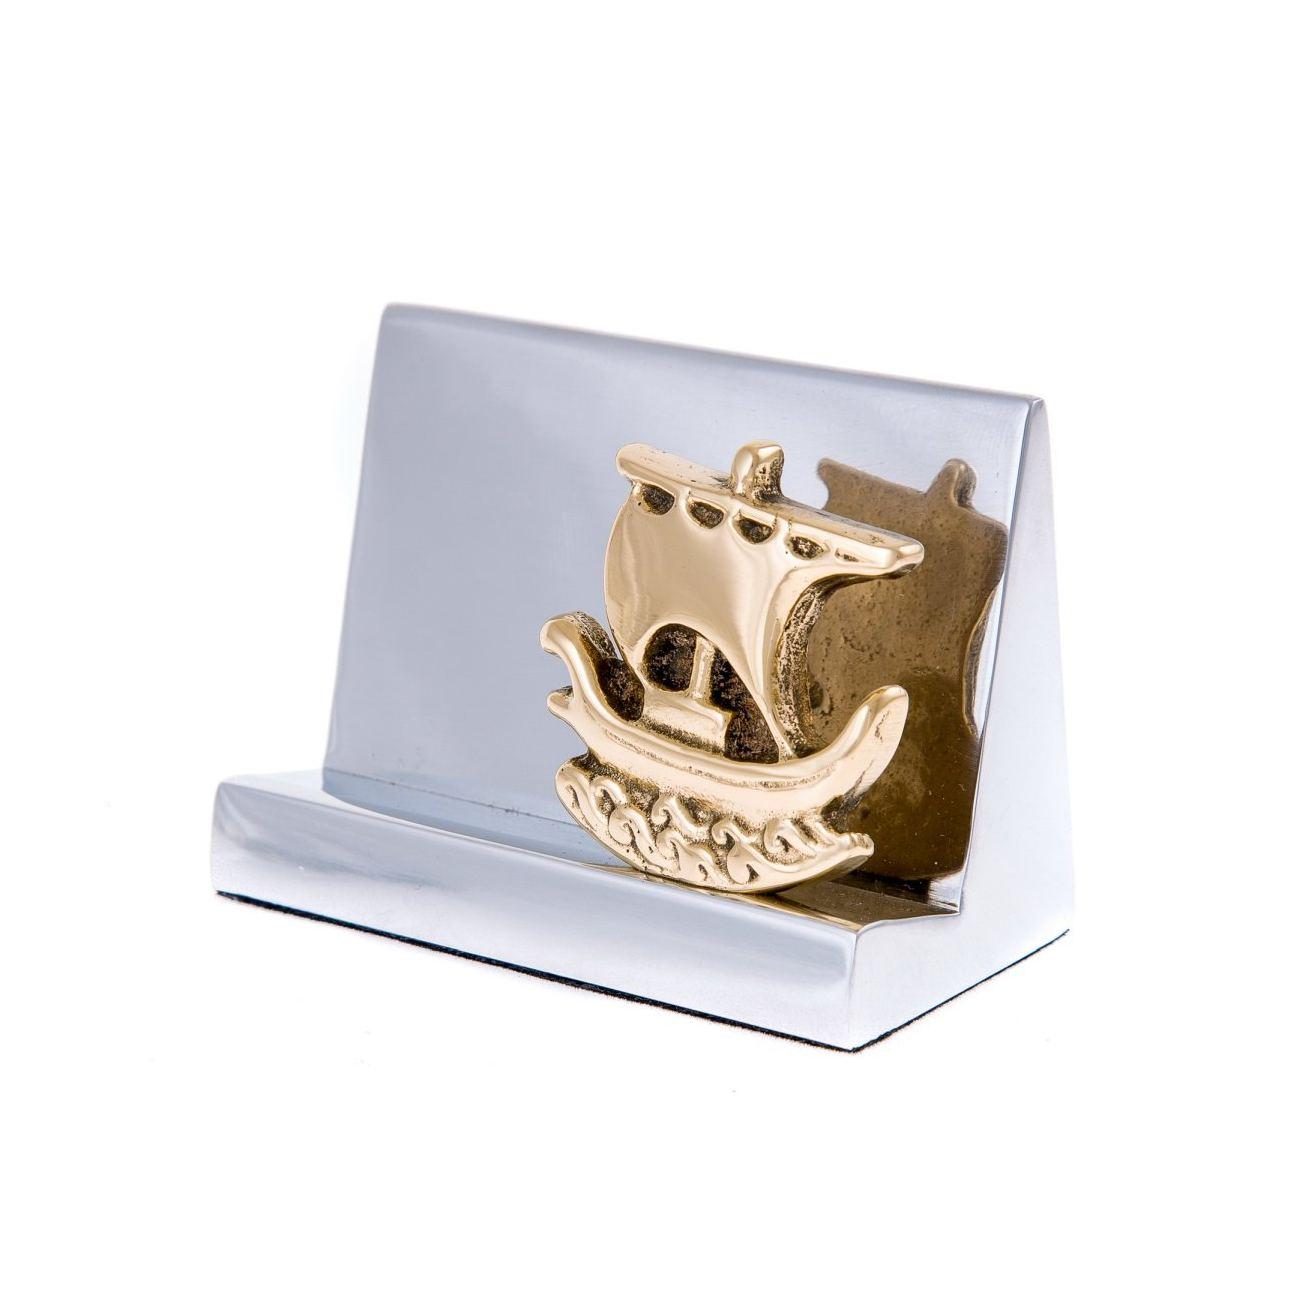 Business card holder handmade solid metal desk accessory archaic business card holder handmade solid metal desk accessory archaic ship design colourmoves